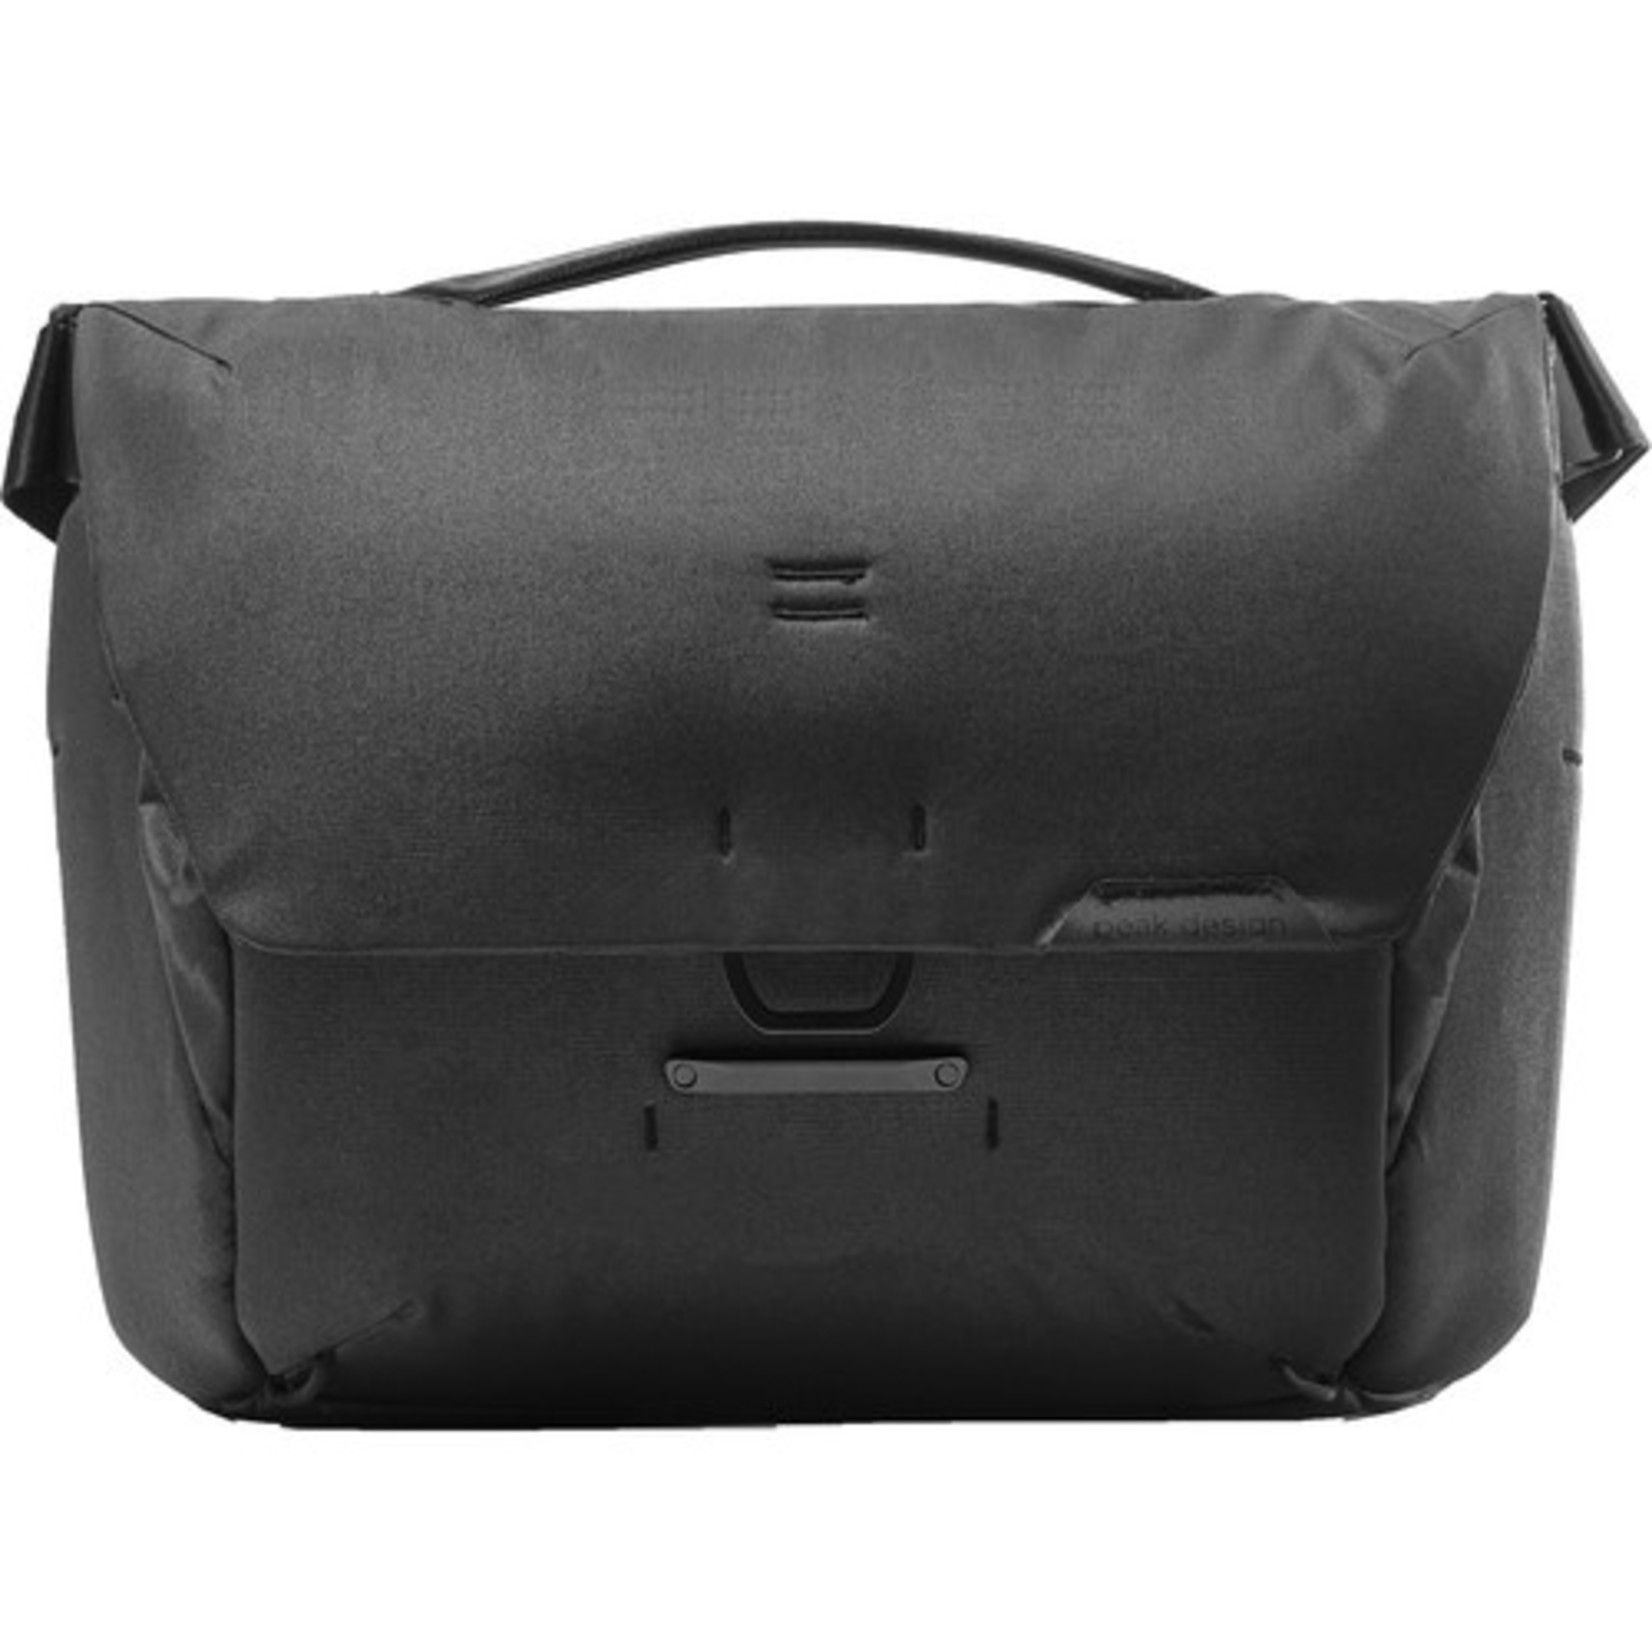 Peak Design Everyday Messenger 13L v2 - Black